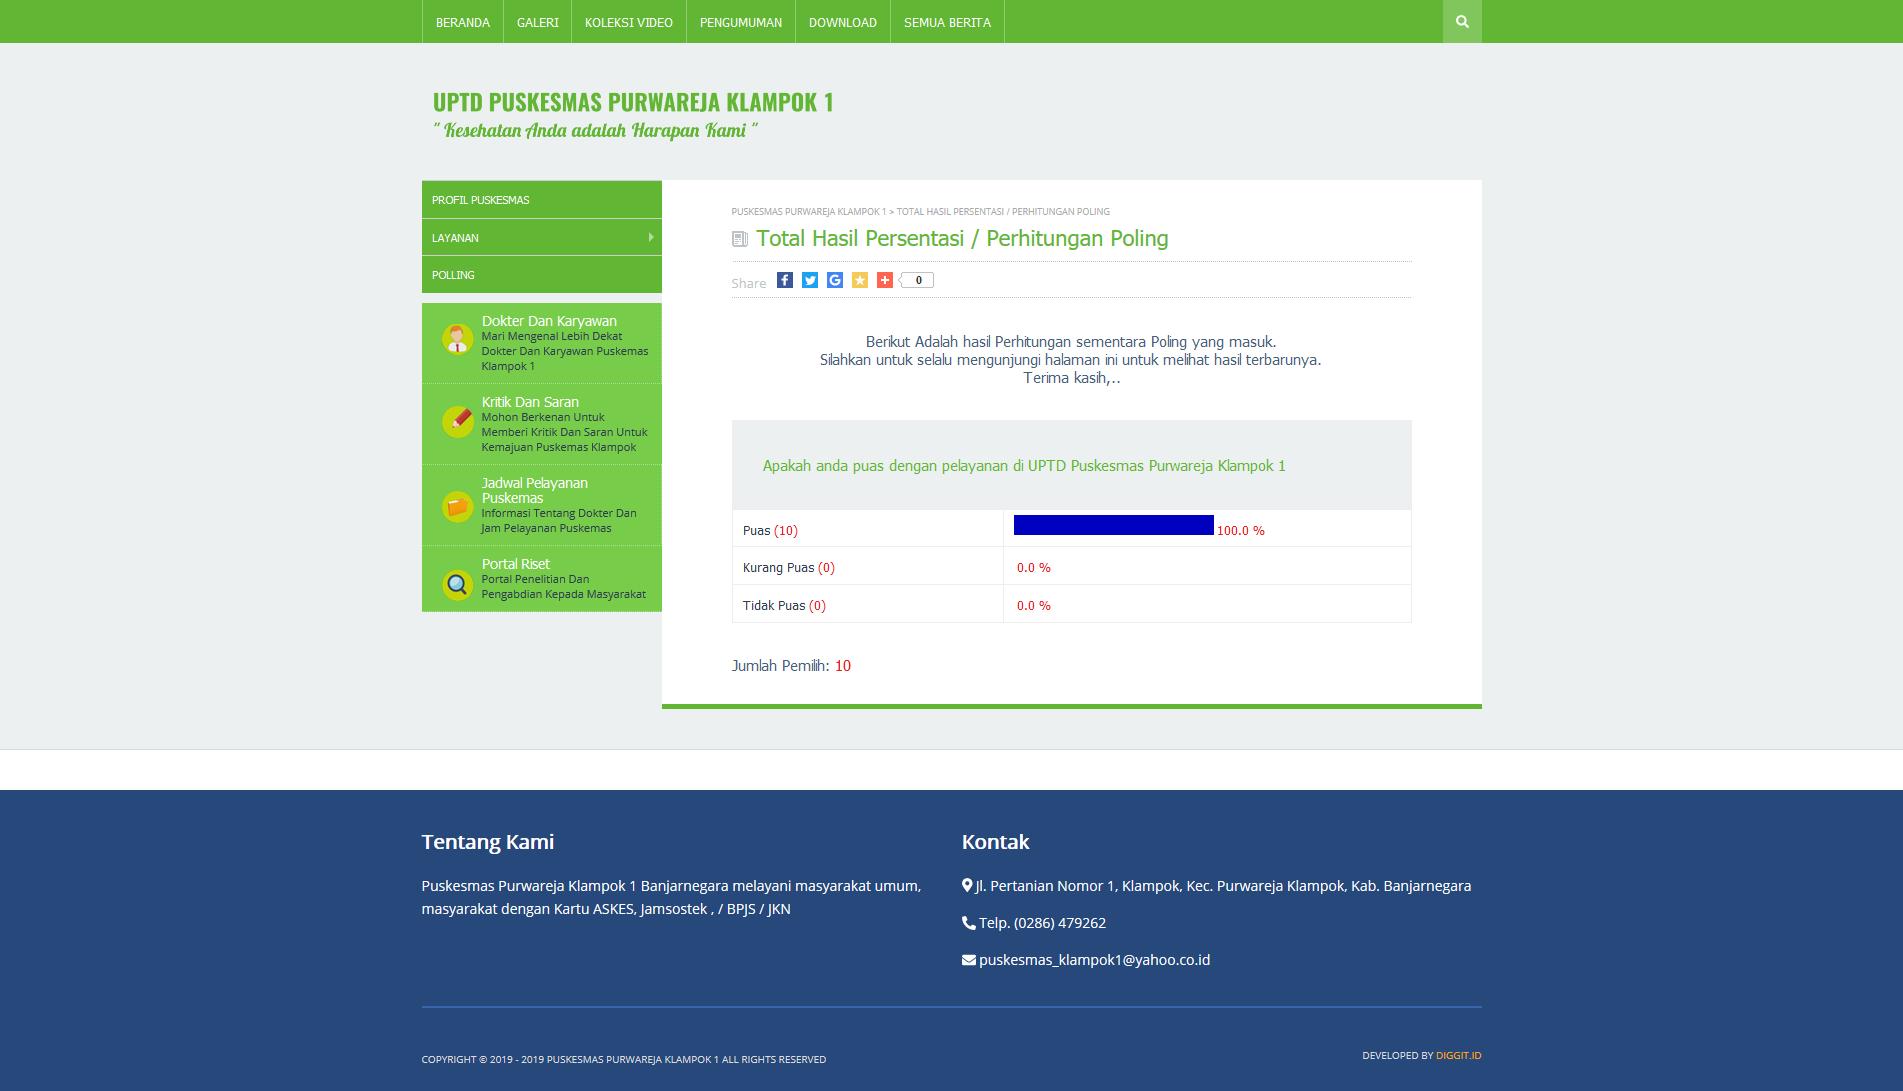 fitur poling pembuatan website Banjarnegara puskesmas purwareja klampok 1